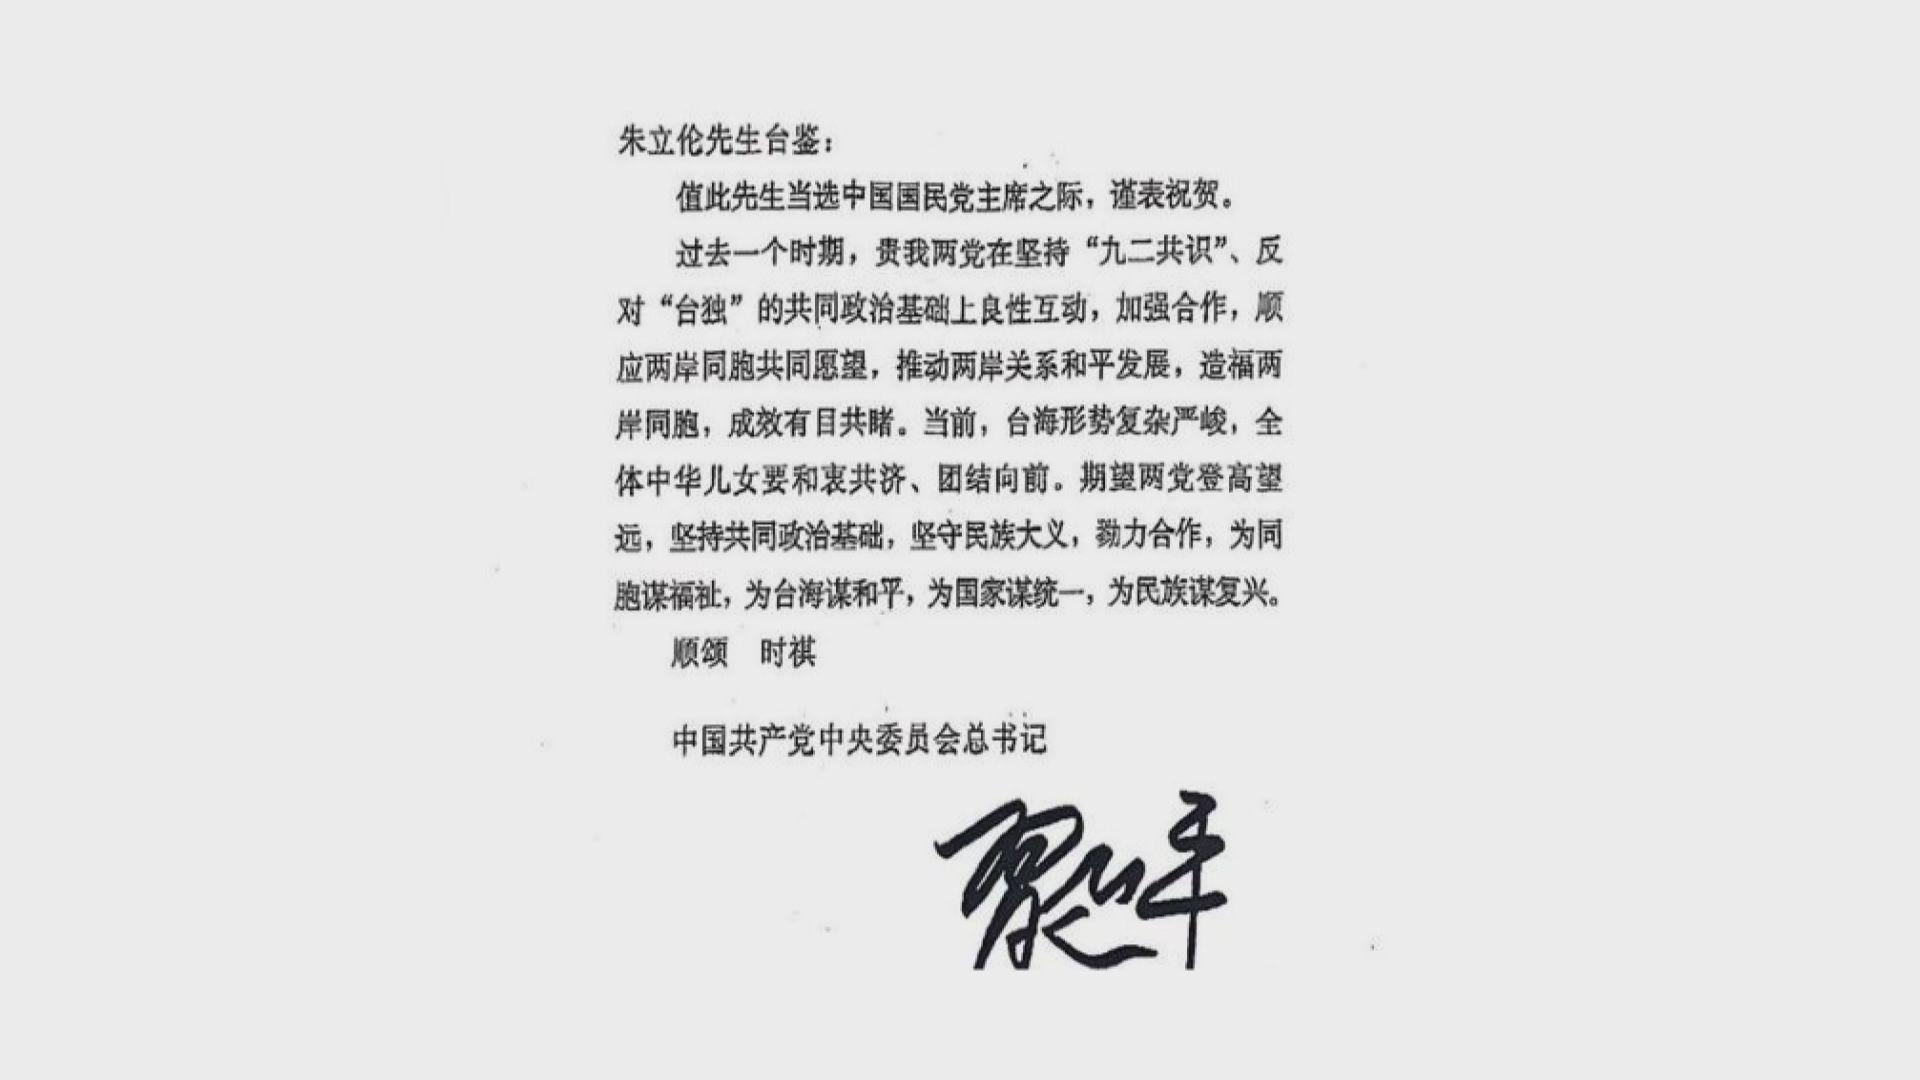 台傳媒指習近平祝賀朱立倫再次當選國民黨主席